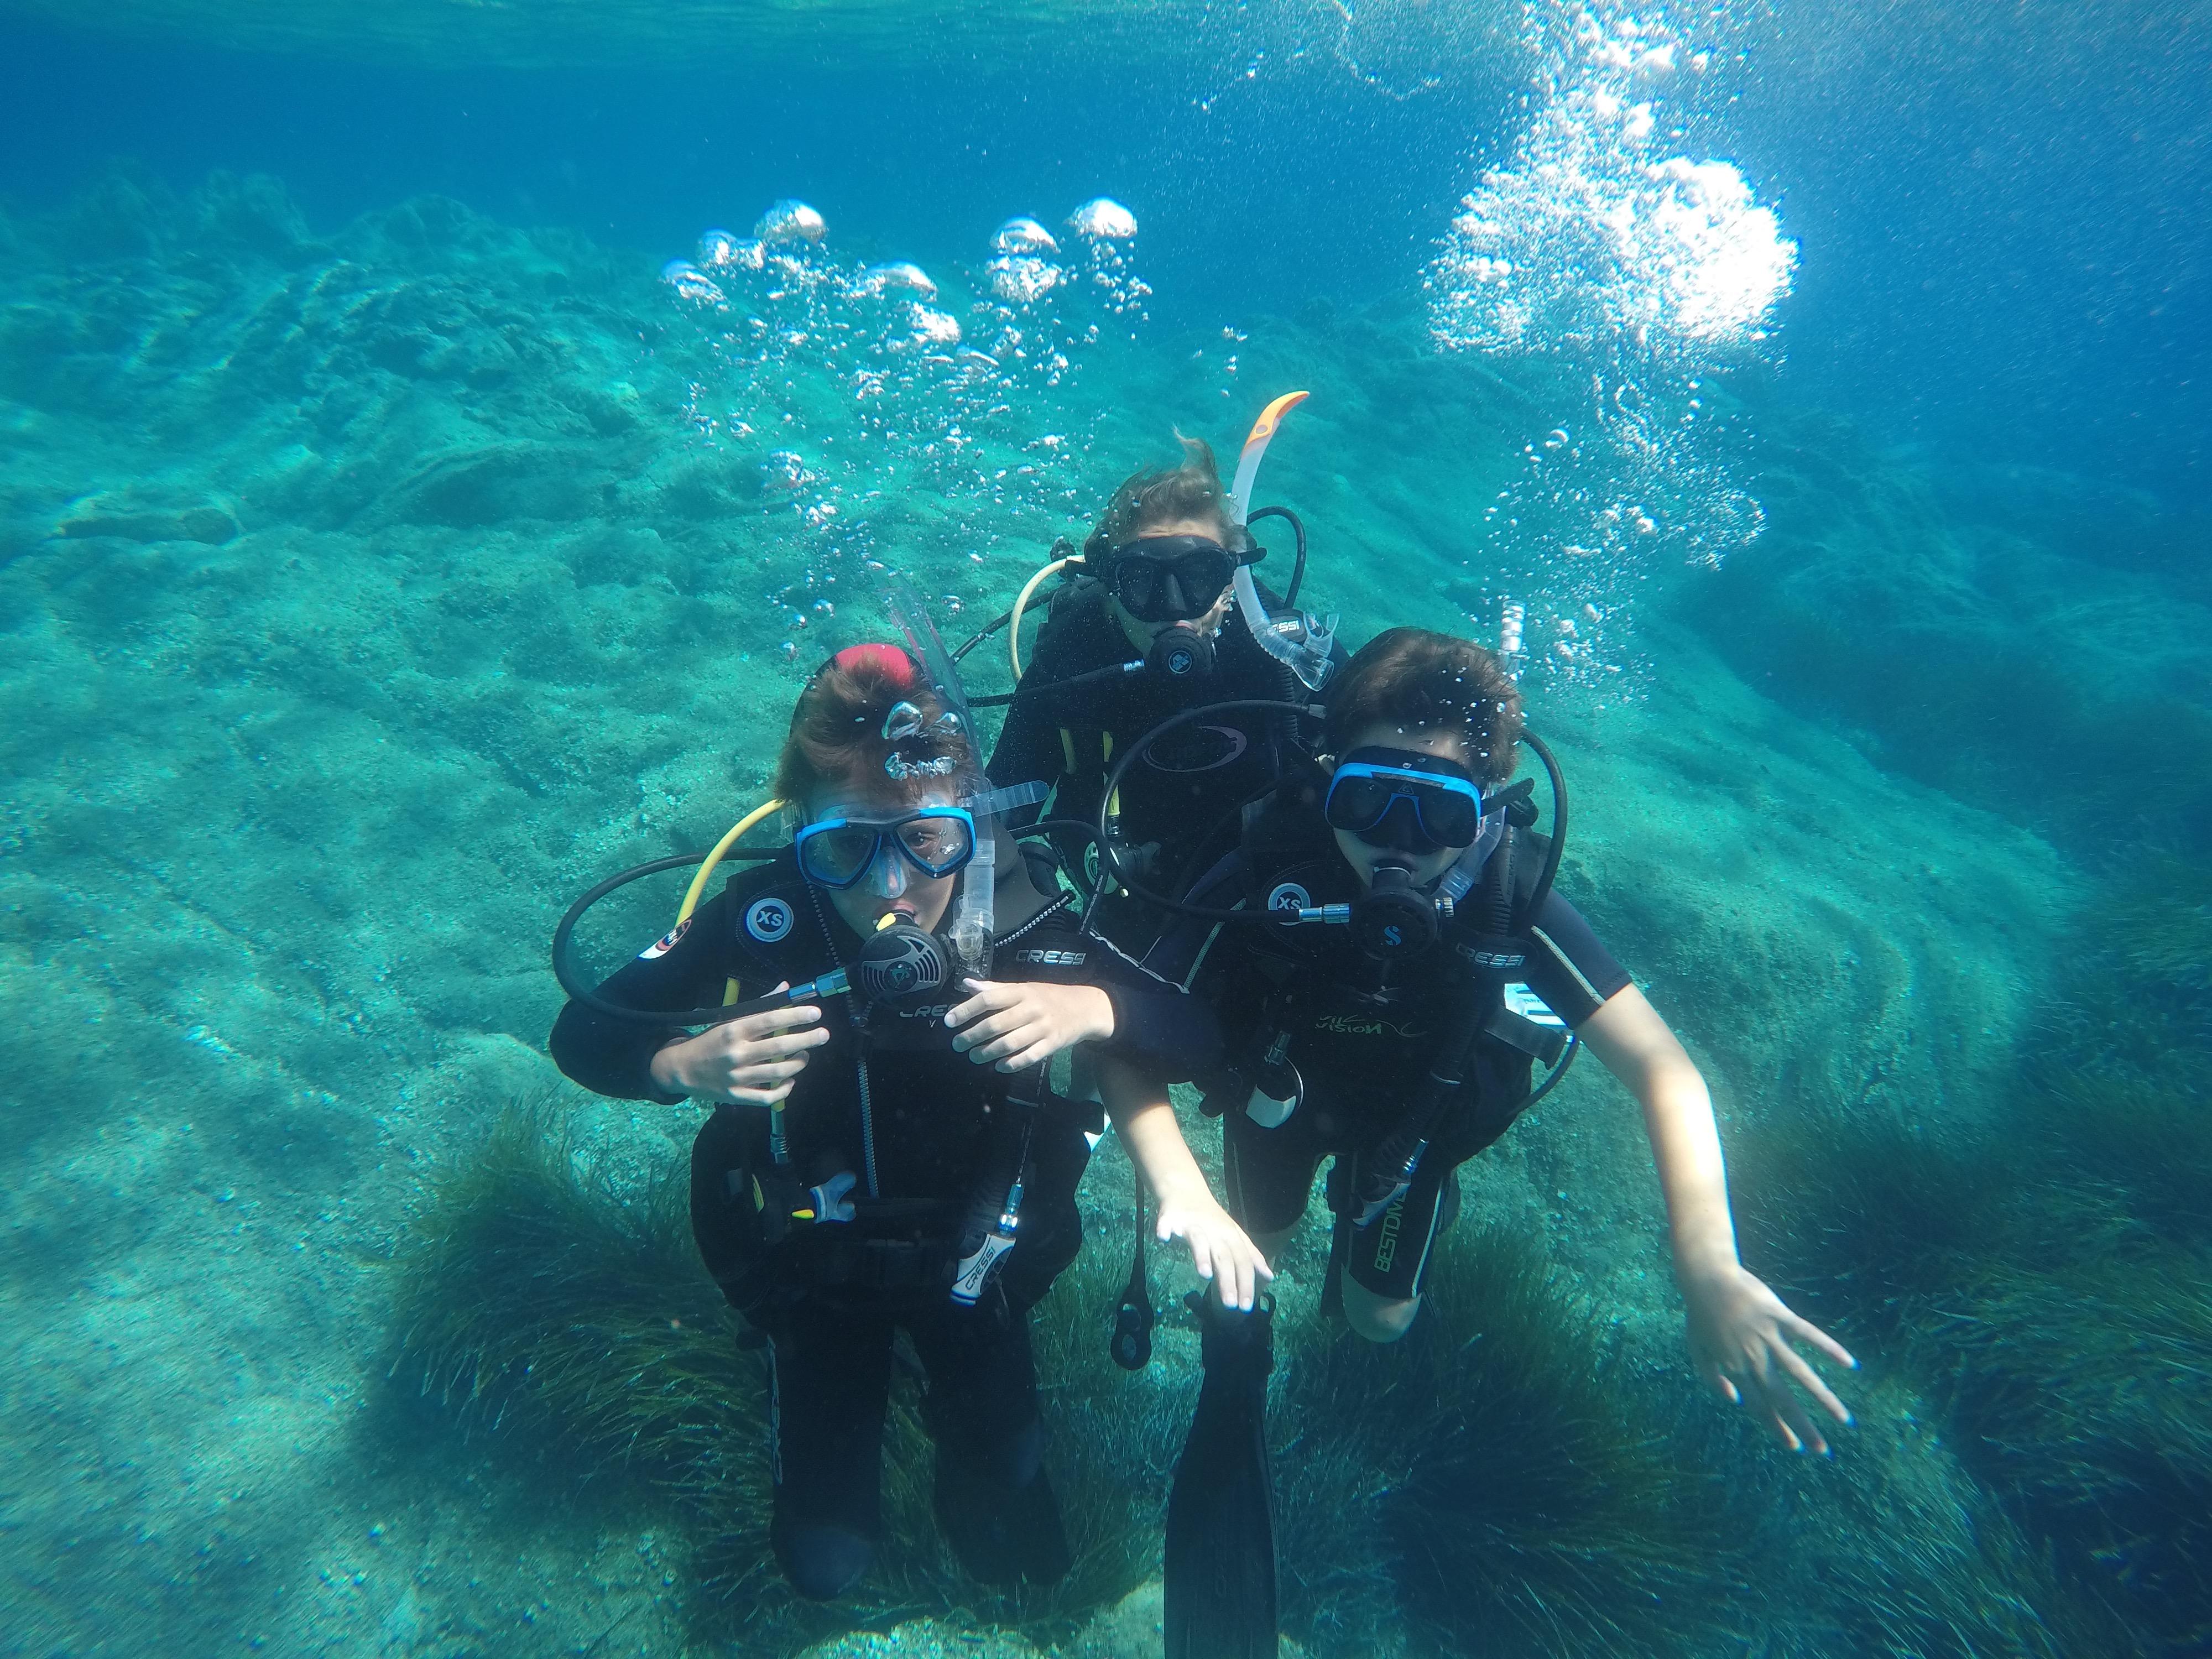 Corsi sub e immersioni per tutte le età